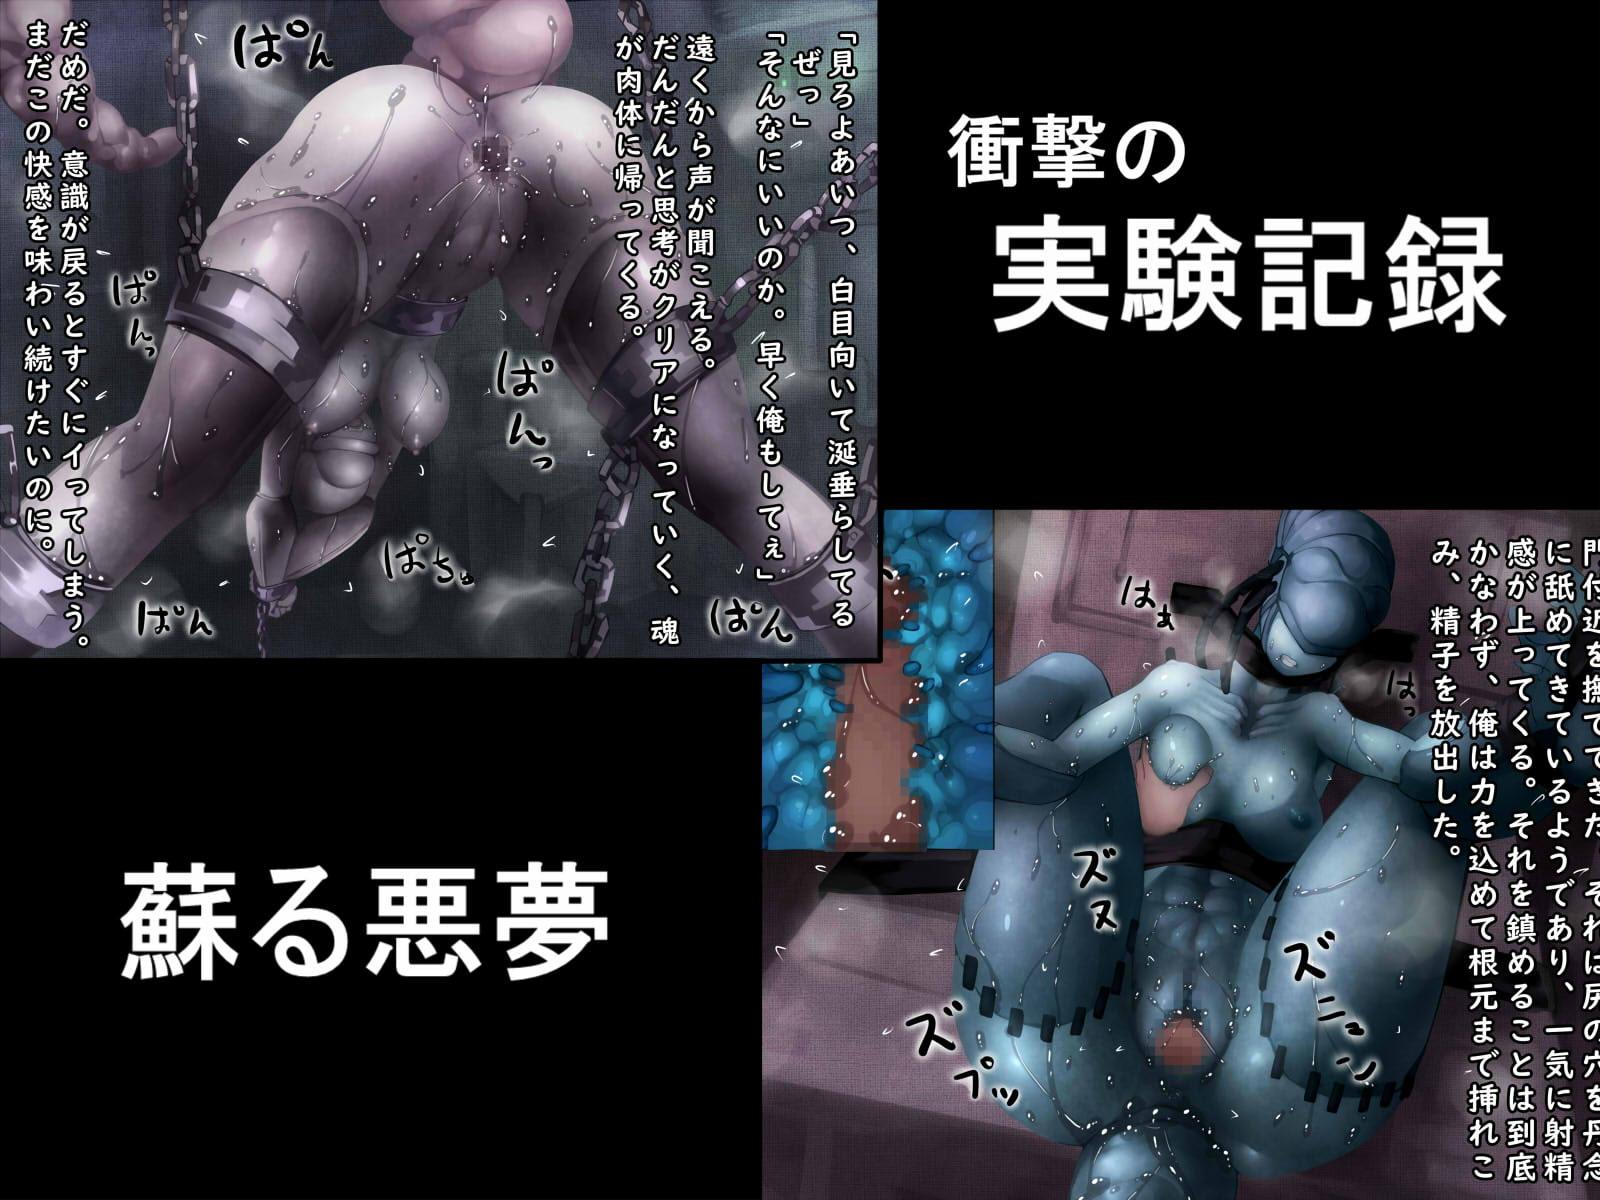 エイリアンえっち-異星人逆襲の親子丼-